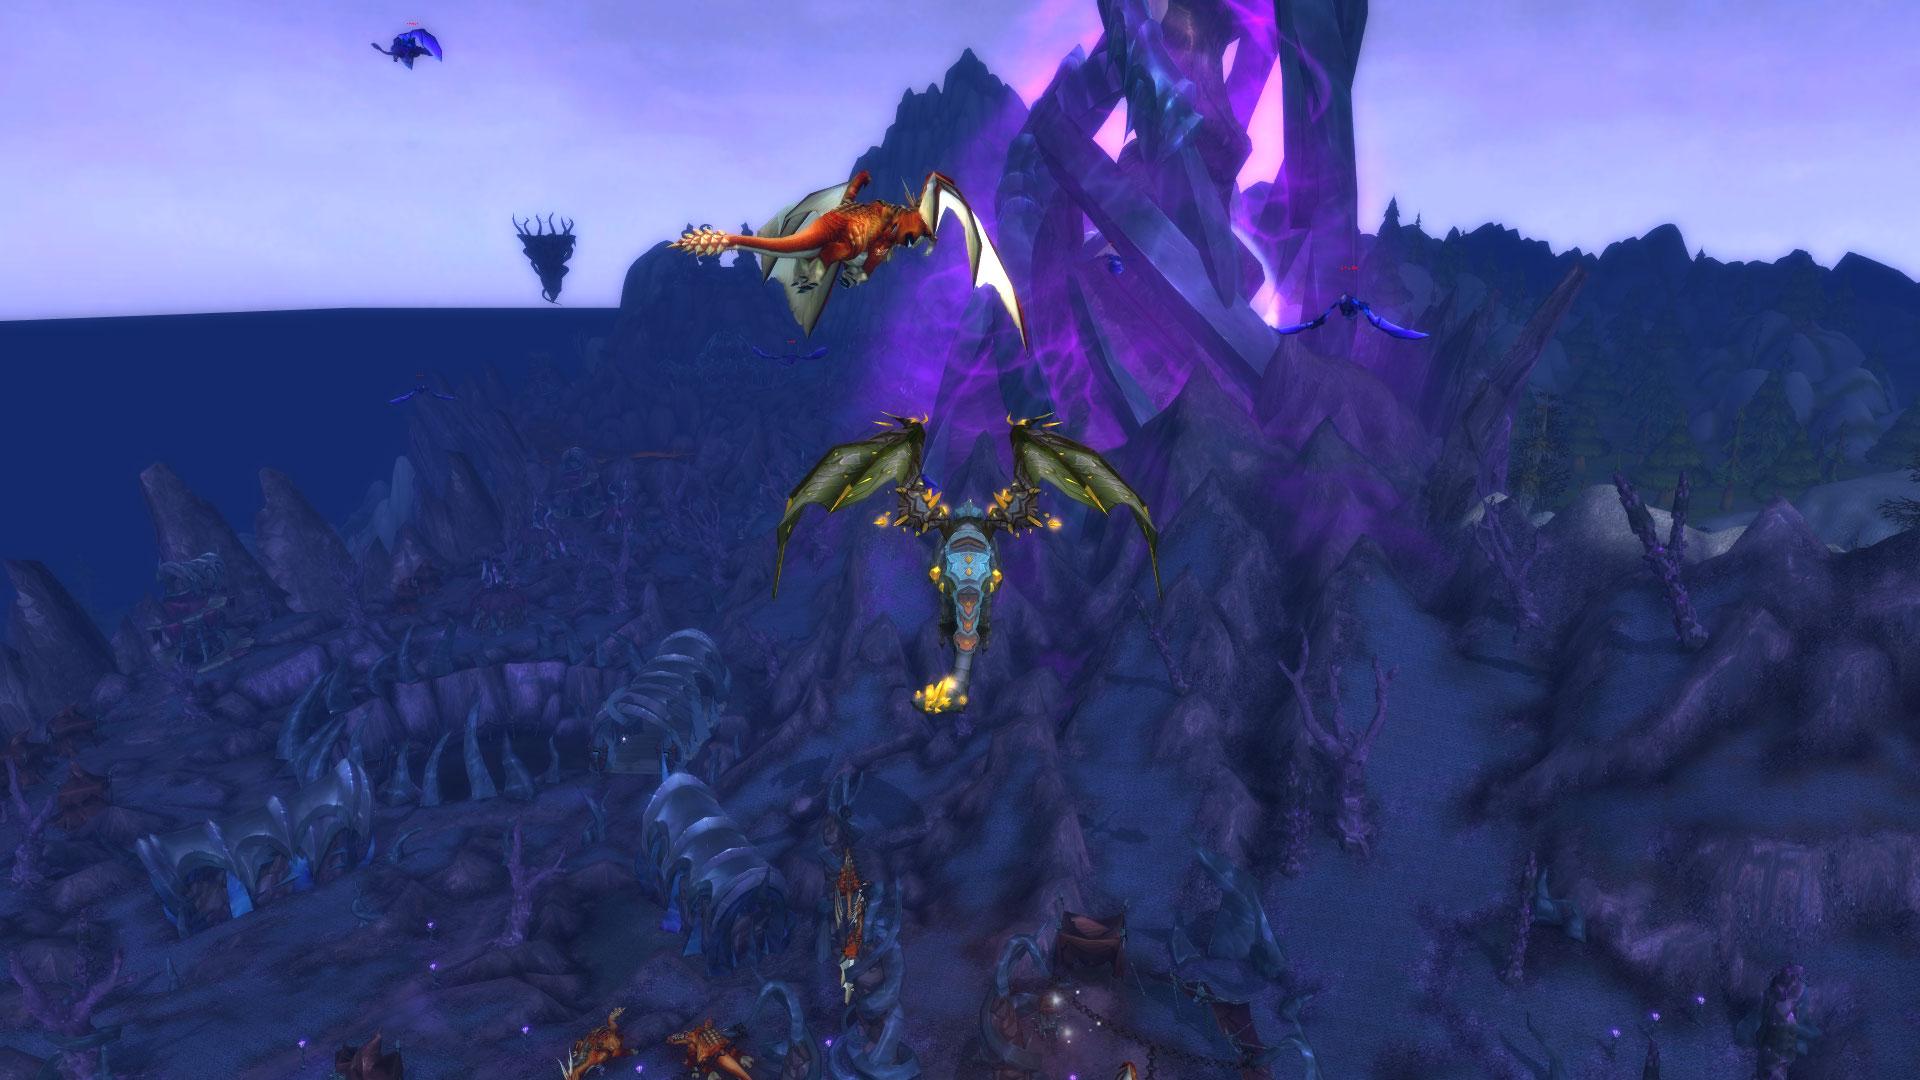 World of Warcraft裡面的龍族及其故事(19/11/14更) (第 2 頁) / 媒體中的龍 / 鱗目界域